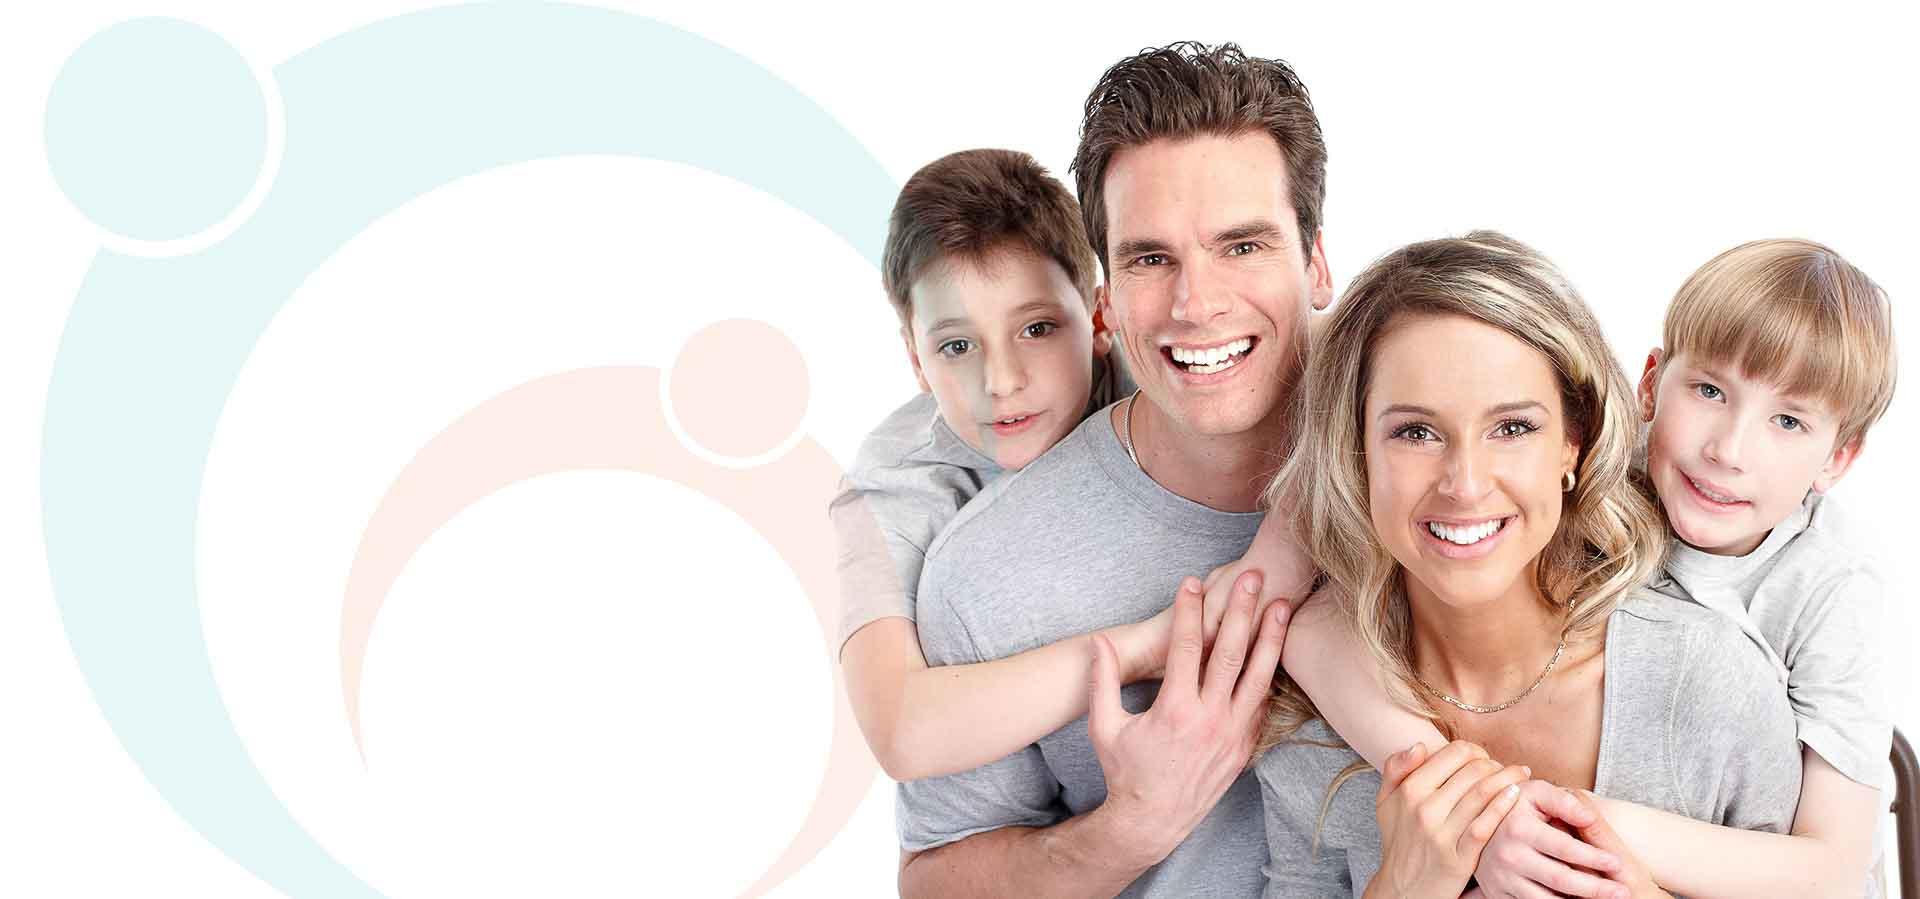 familie fericita langa logoul besmax